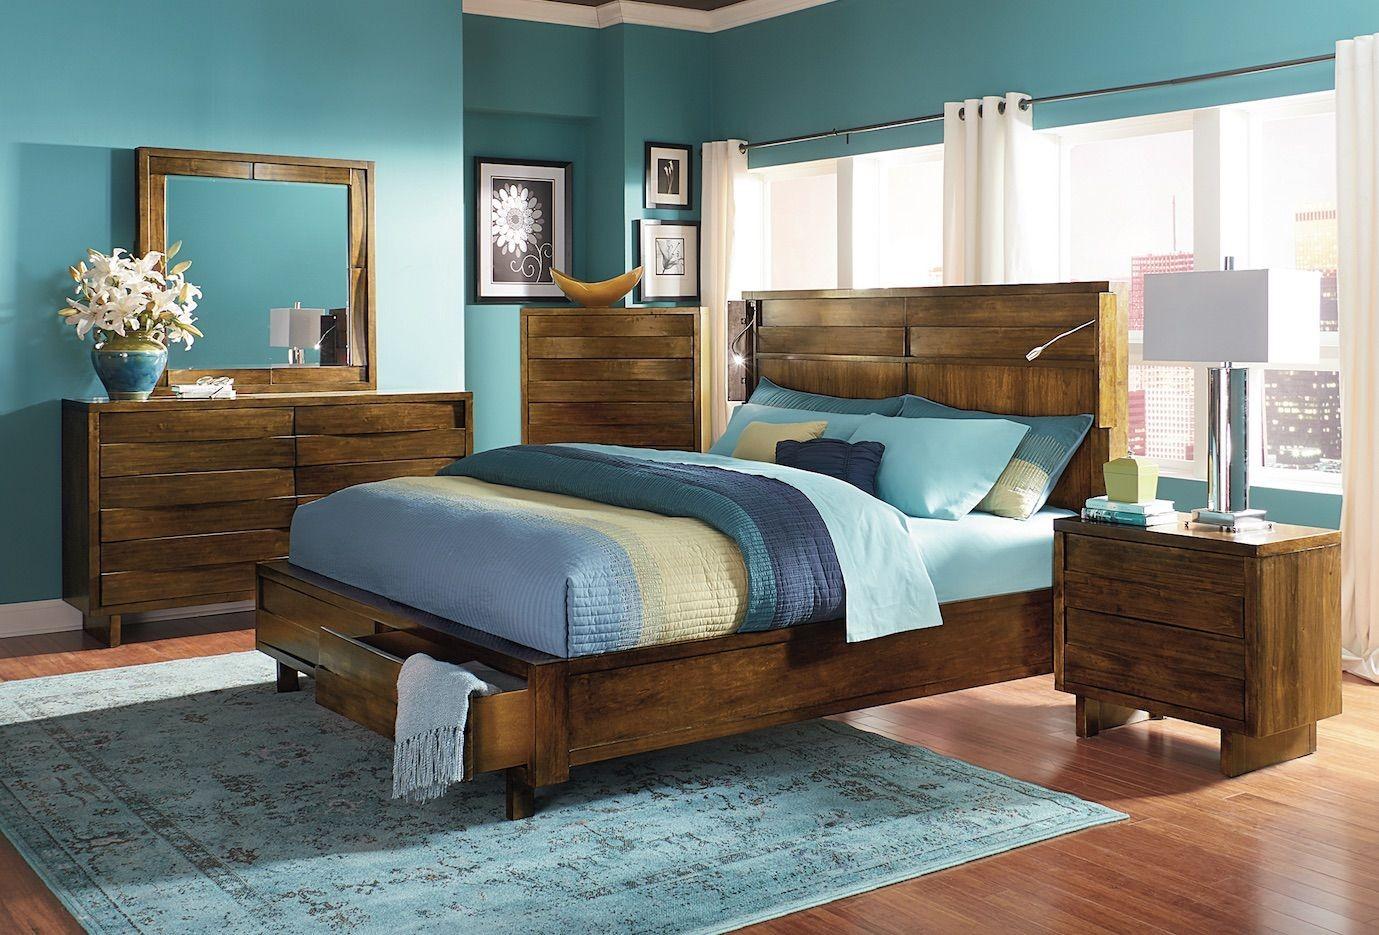 North Shore Bedroom Set : North Shore Acorn Storage Bedroom Set, P154-34-35-78, Progressive